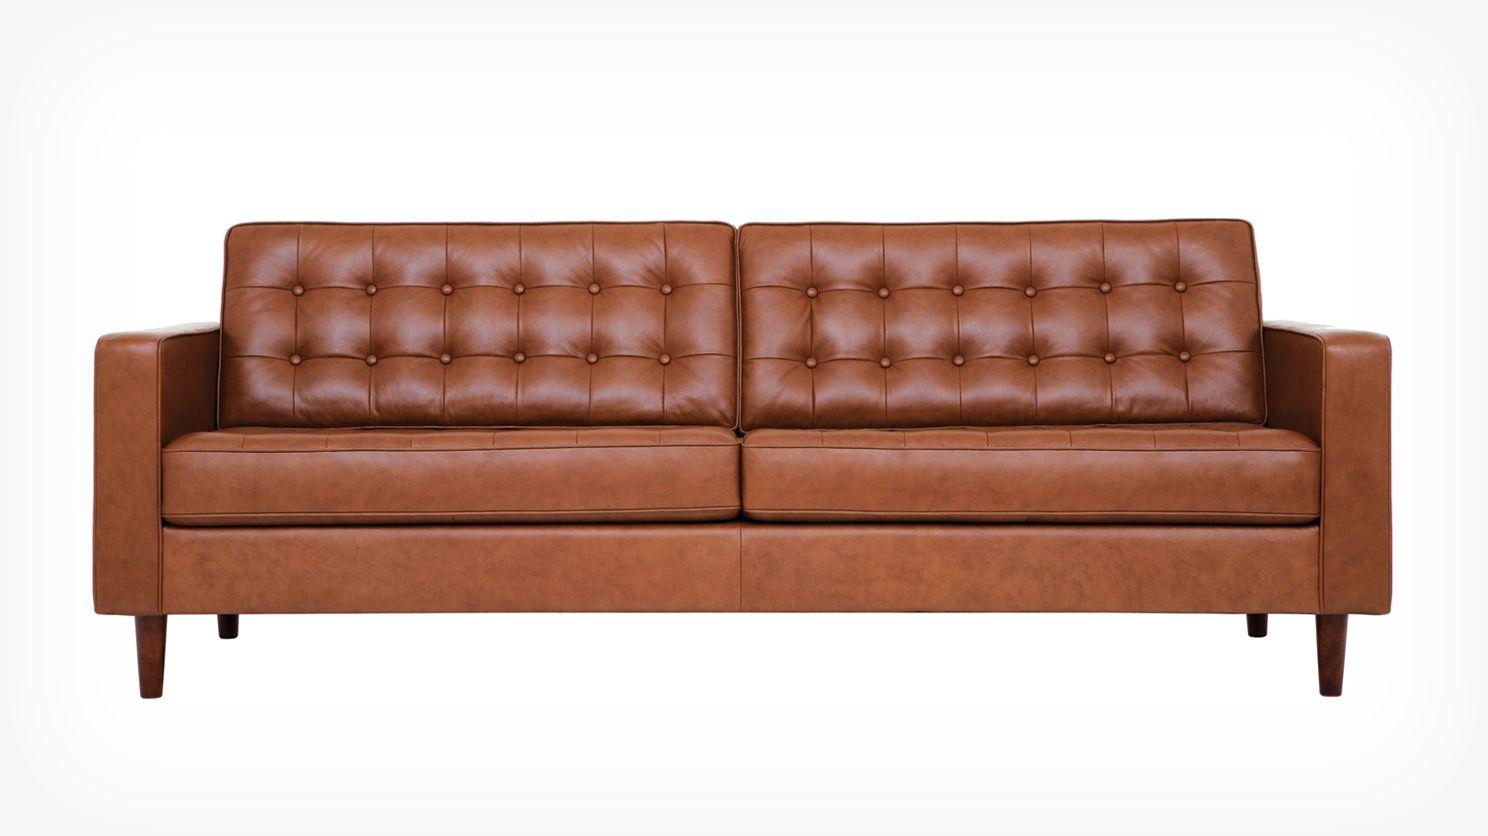 Reverie Sofa   Leather | EQ3 Modern Furniture